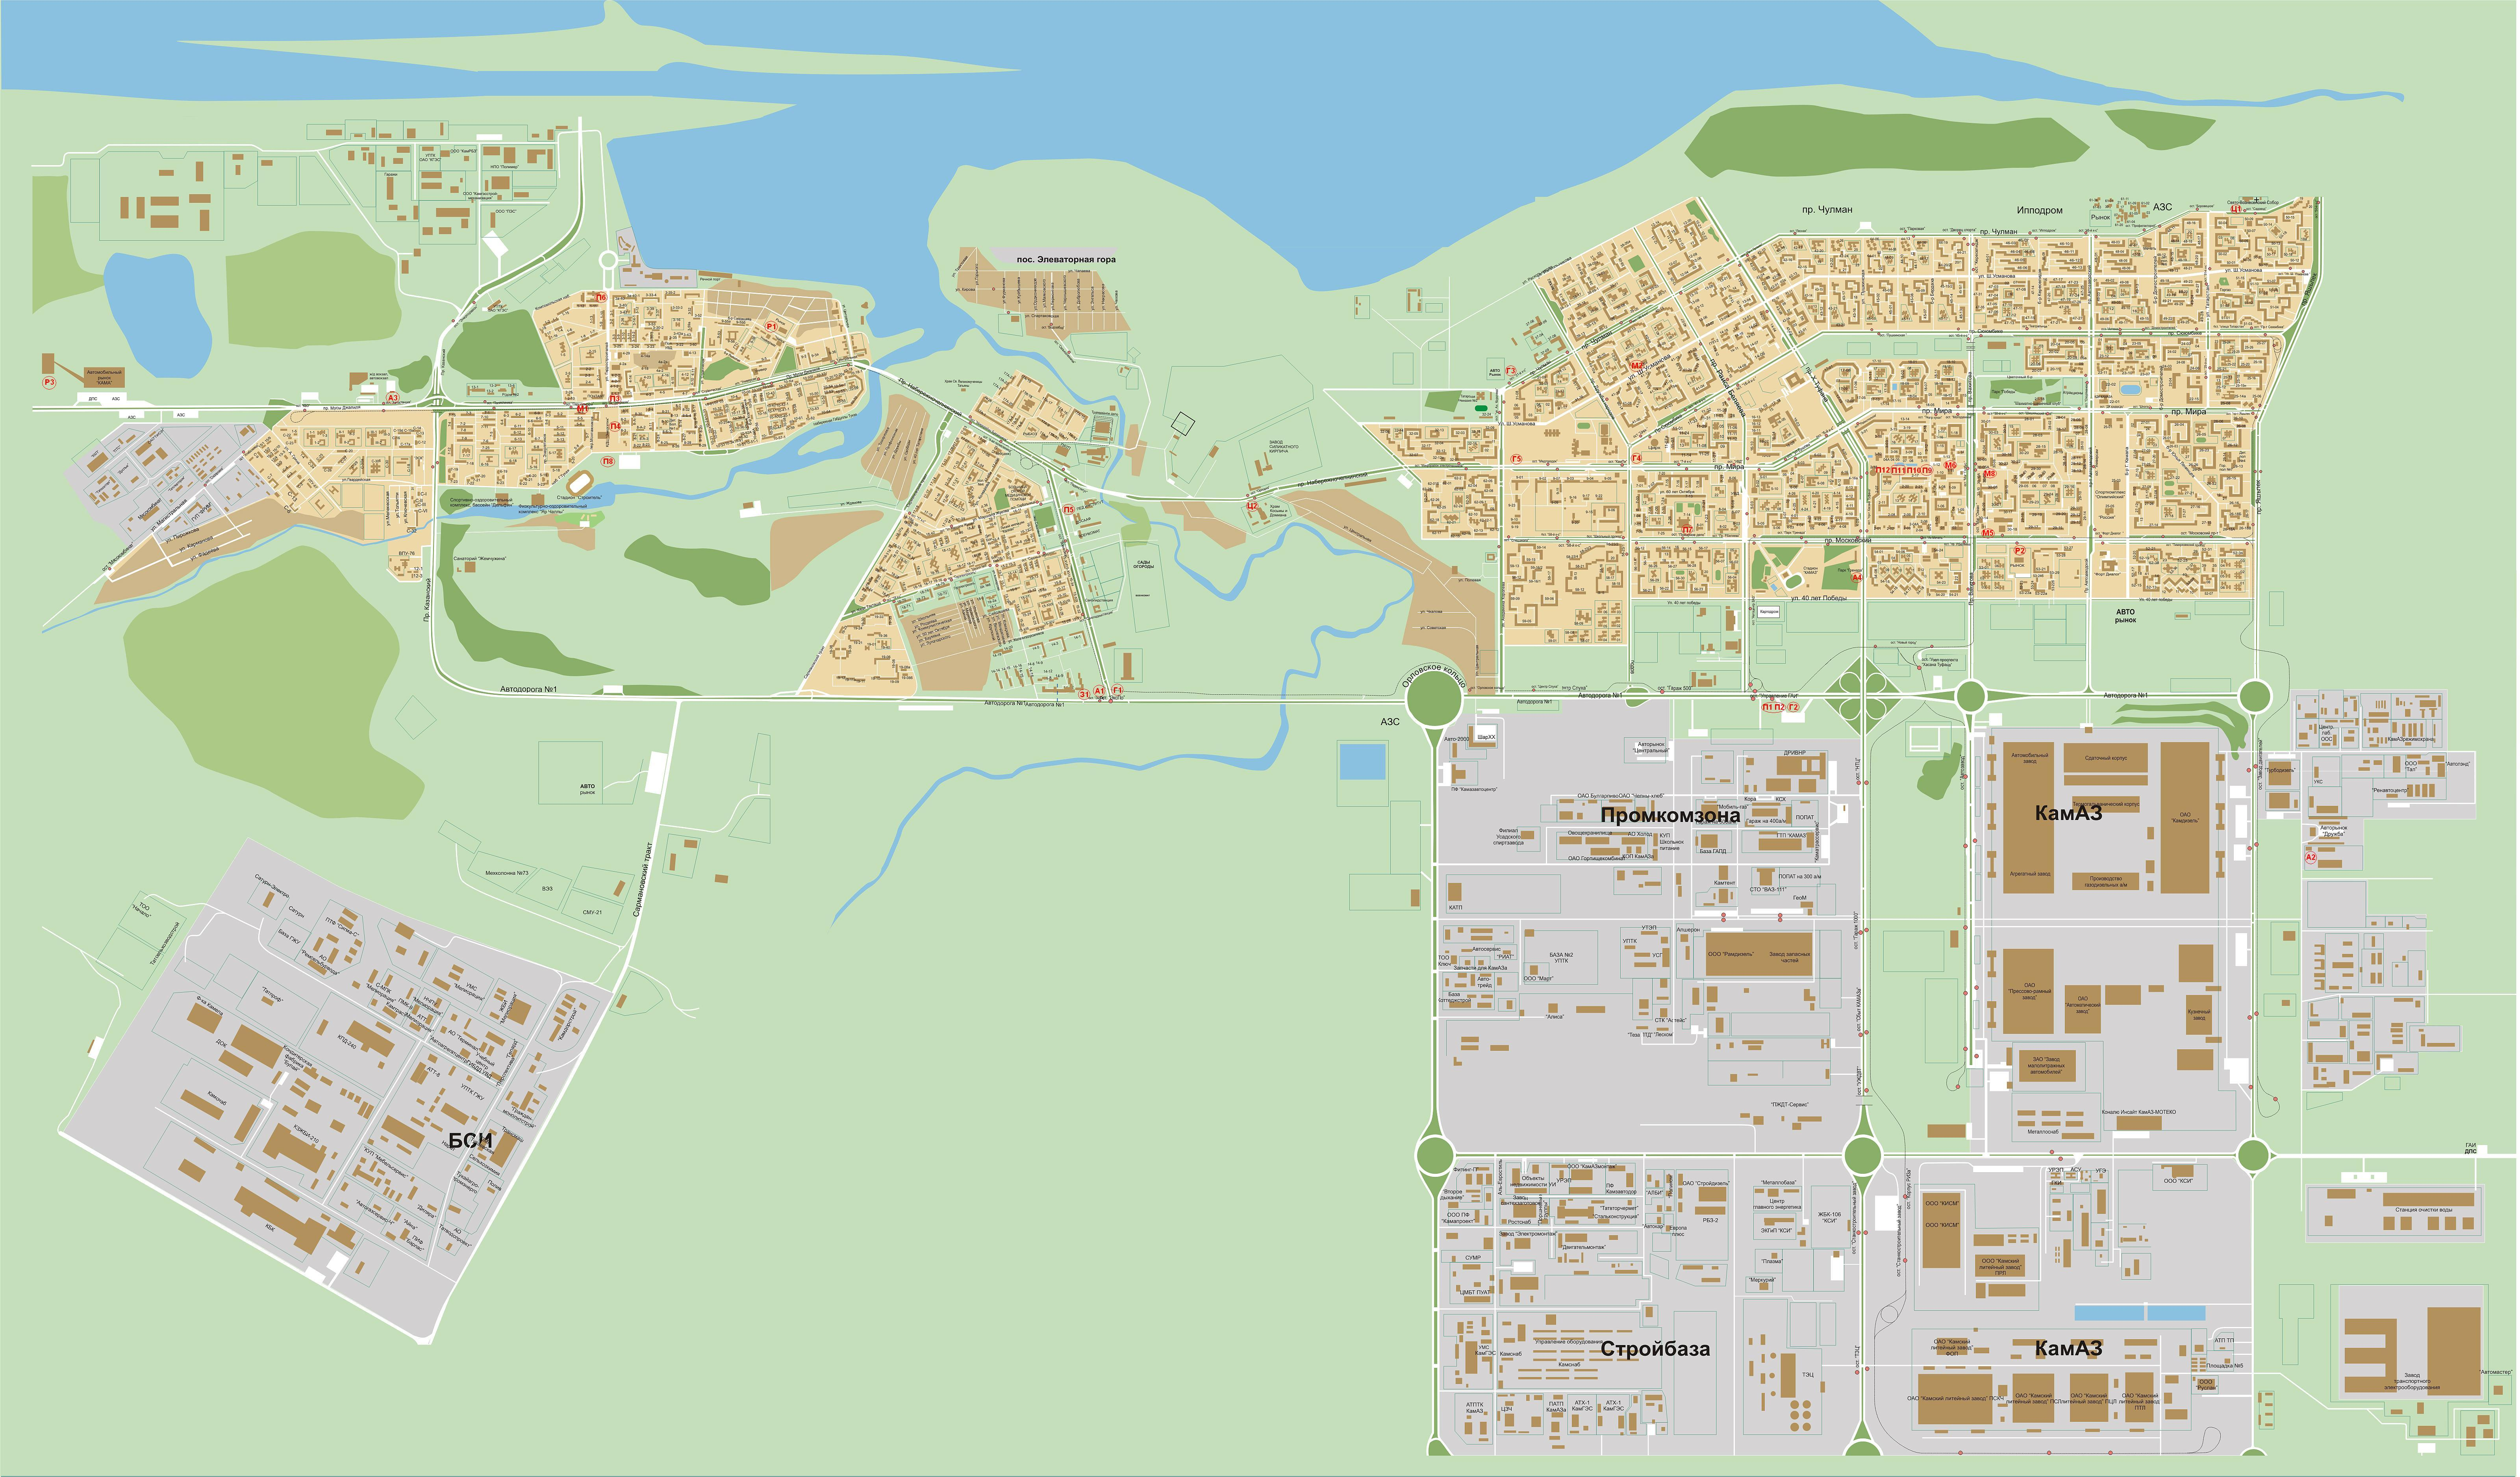 платье план 37 комплекса города набережные челны автозаводской район КсЮ